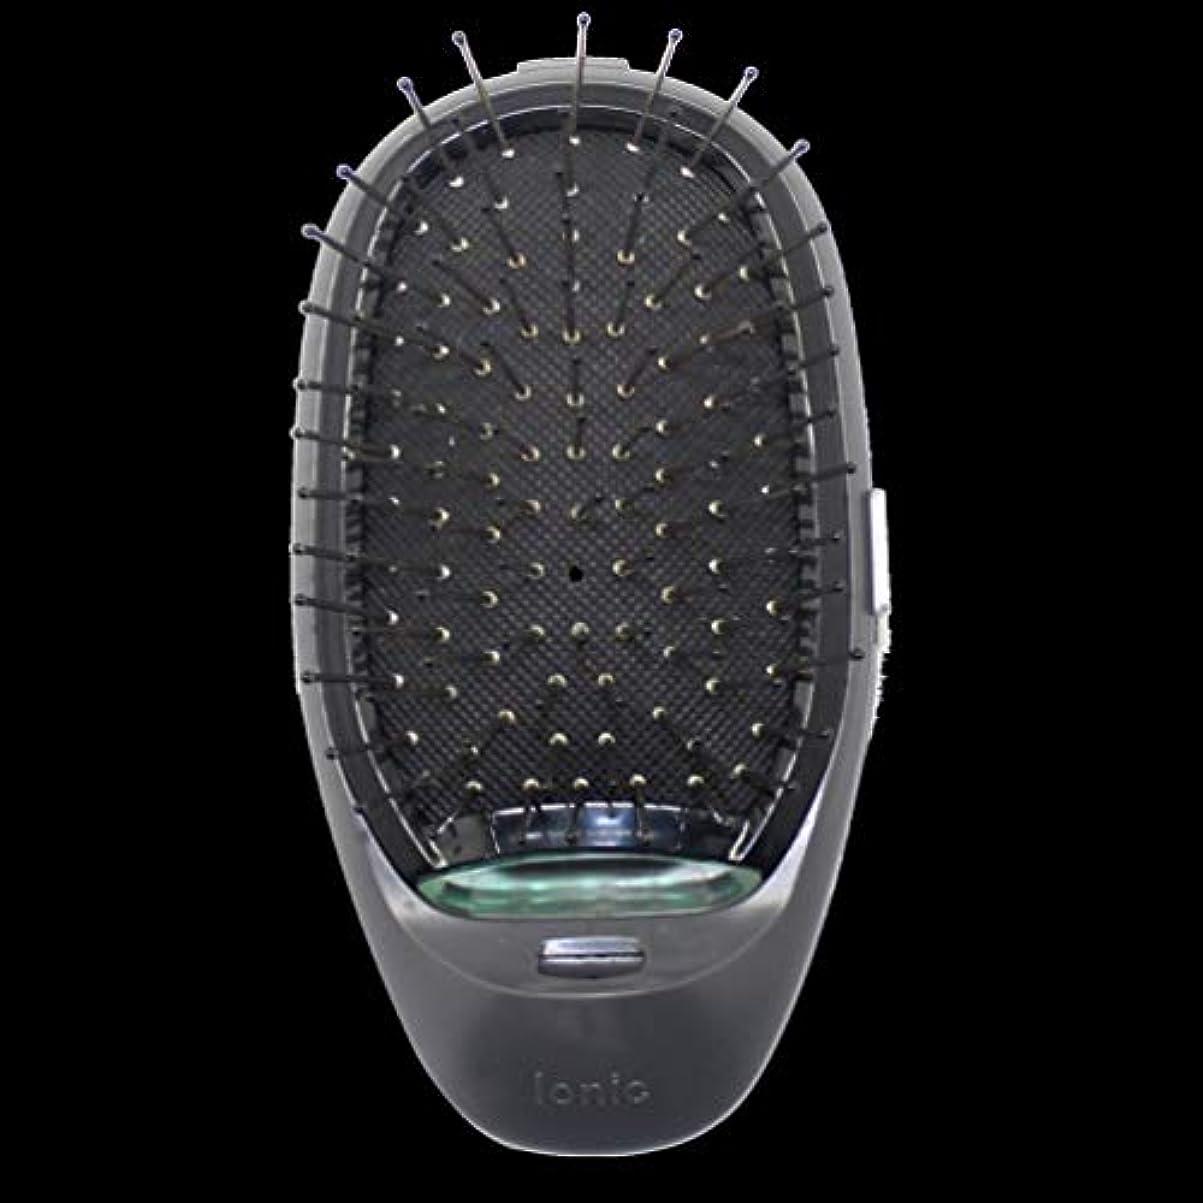 腸近所の破壊的電動マッサージヘアブラシミニマイナスイオンヘアコム3Dインフレータブルコーム帯電防止ガールズヘアブラシ電池式 - ブラック